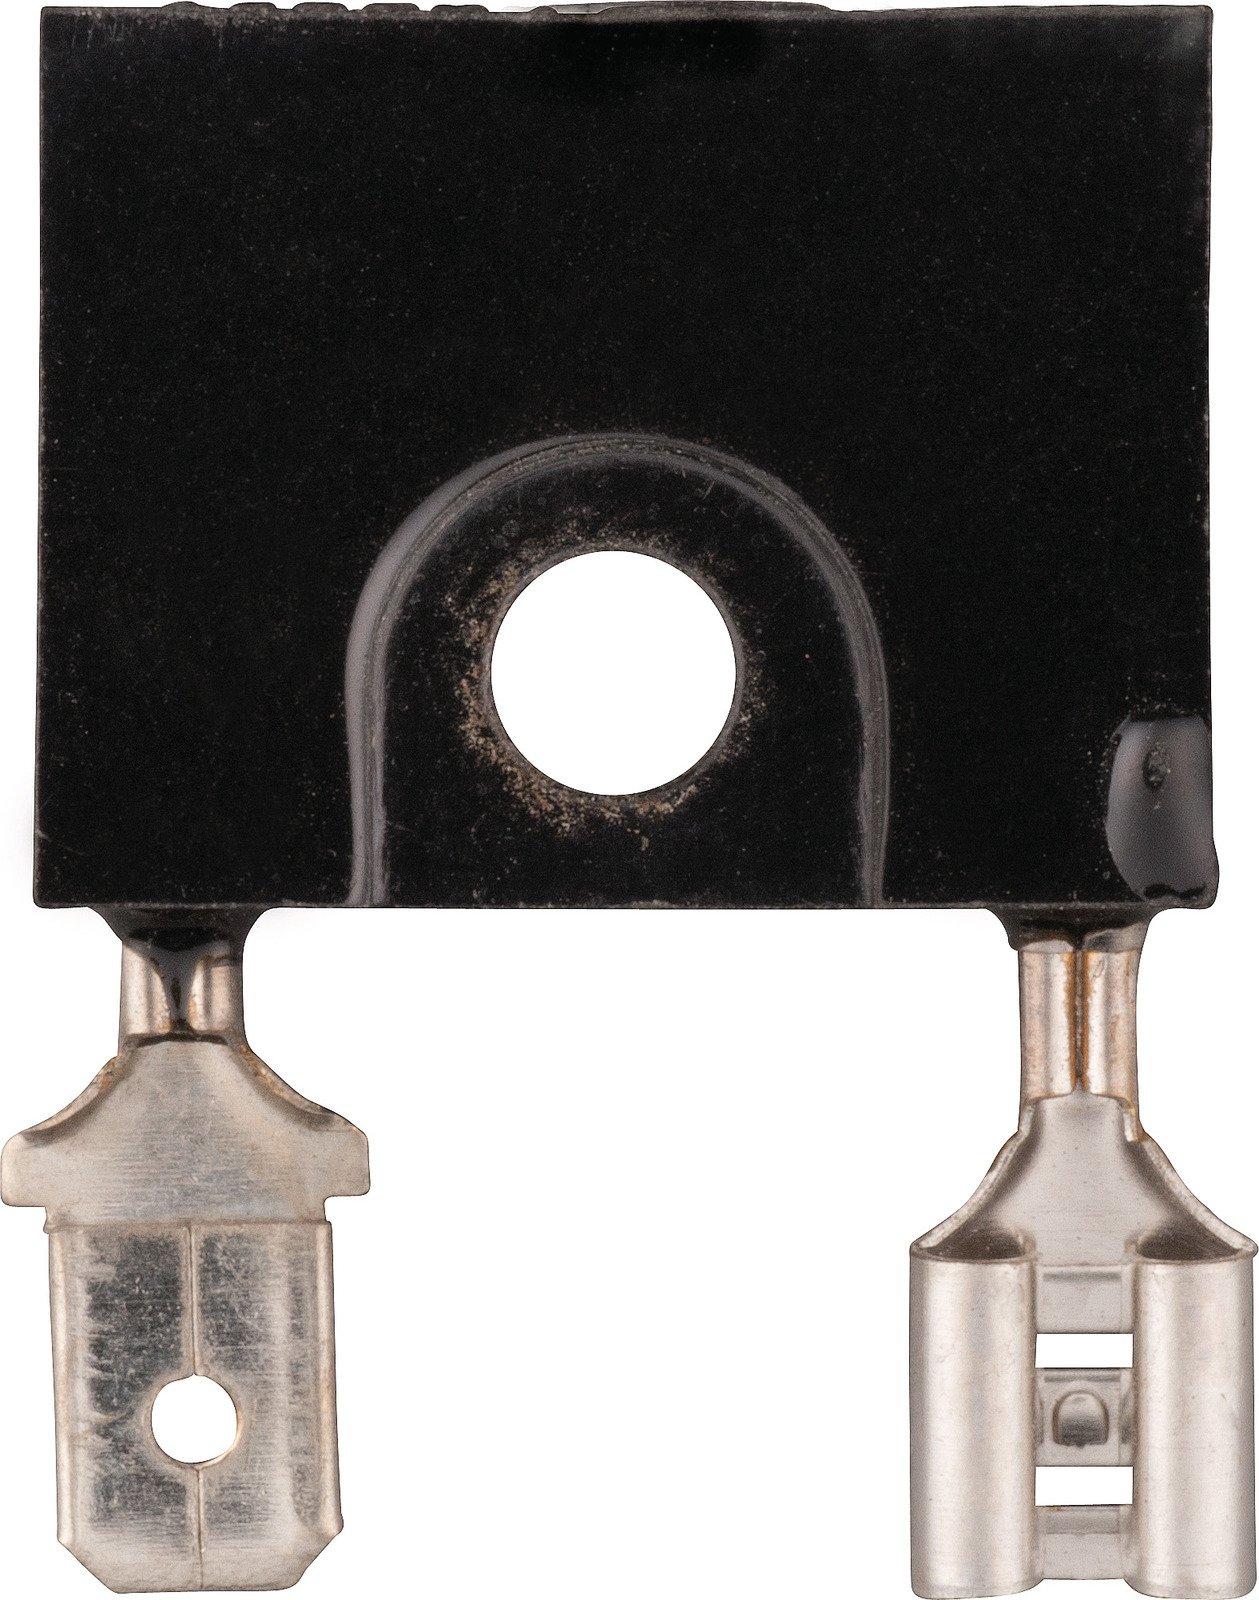 6V Rectifier for XT500 1-027